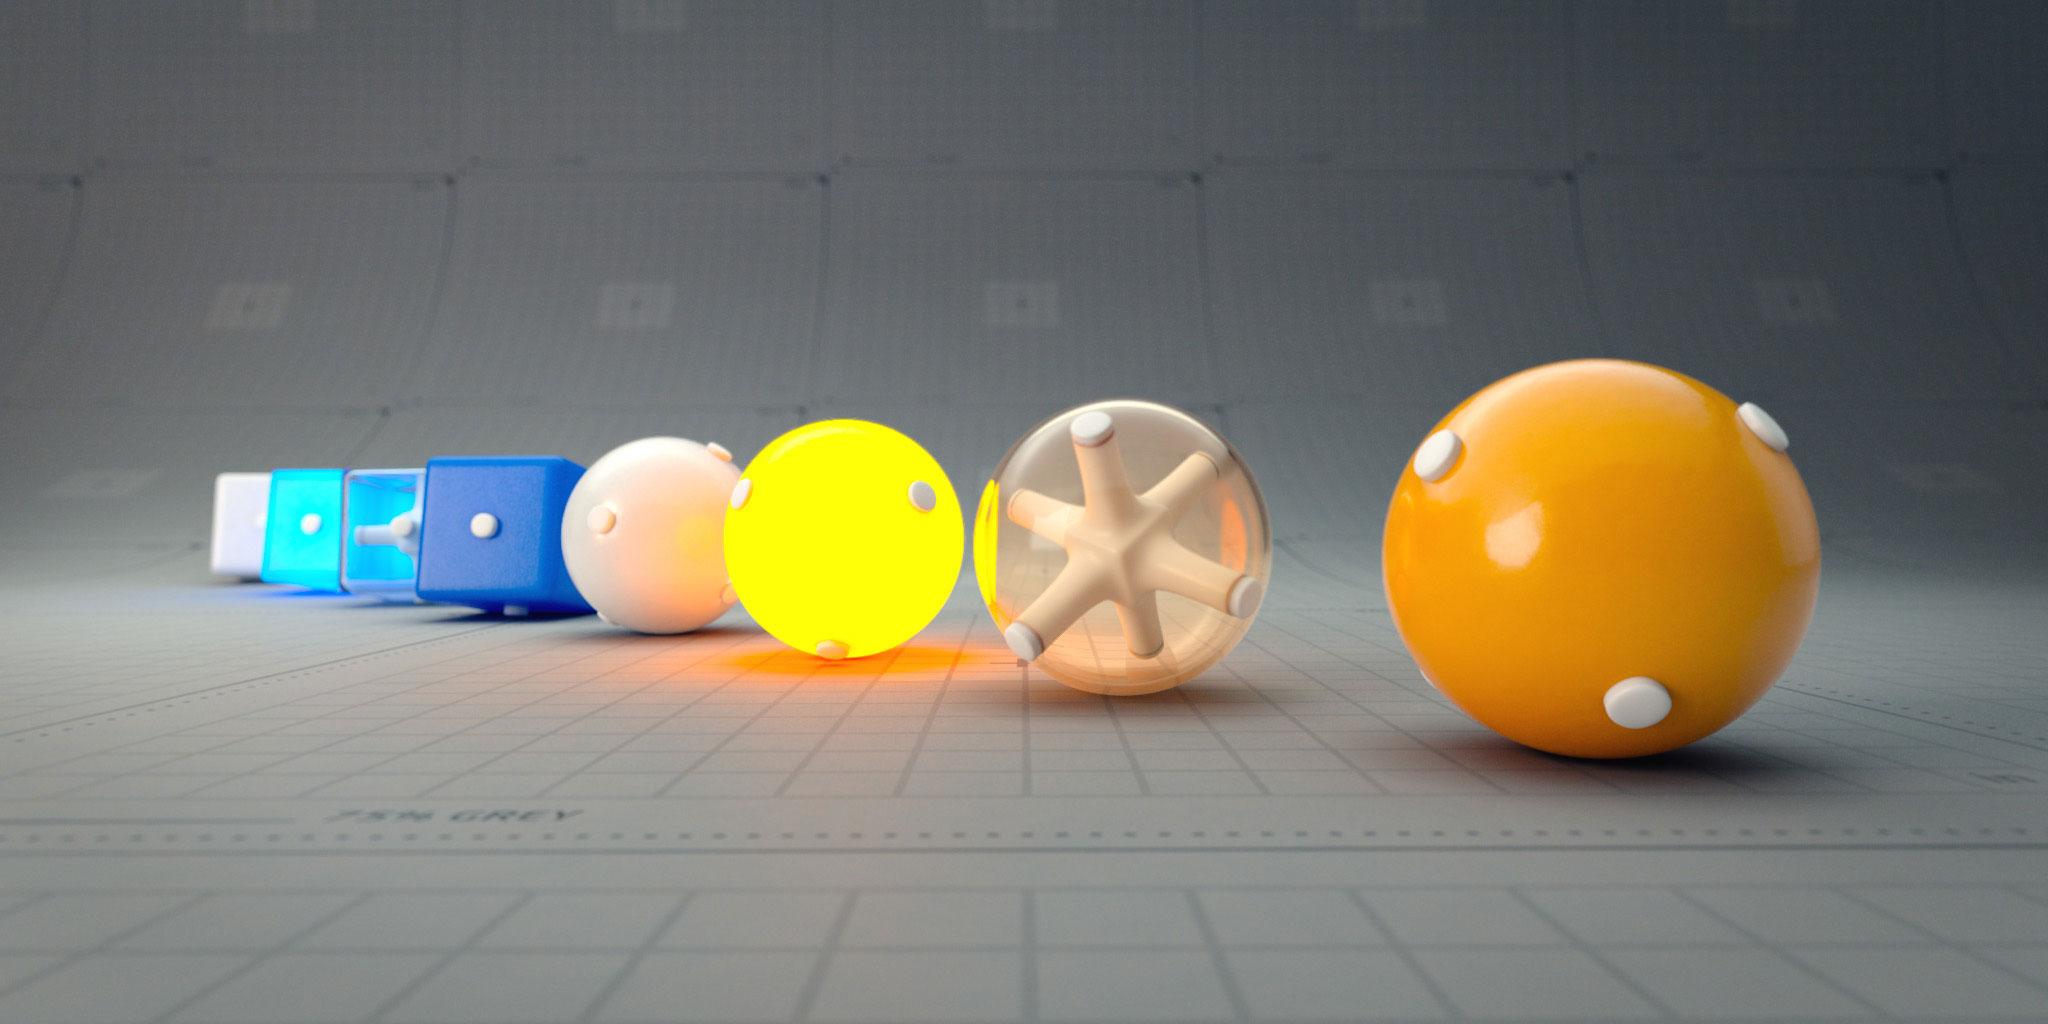 Choose lens for 3D render